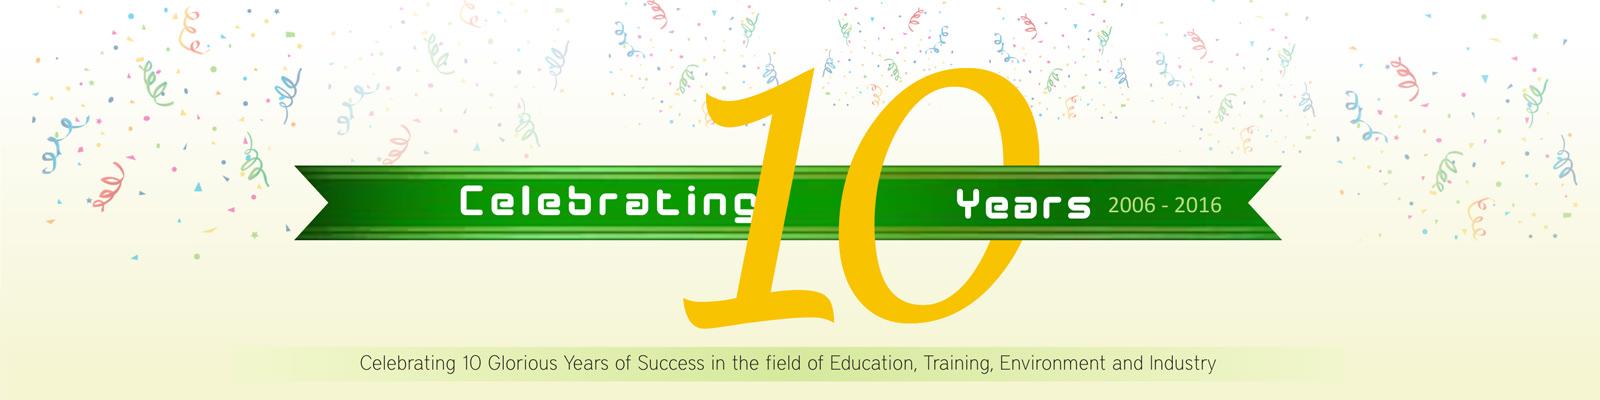 10 Years Celebration